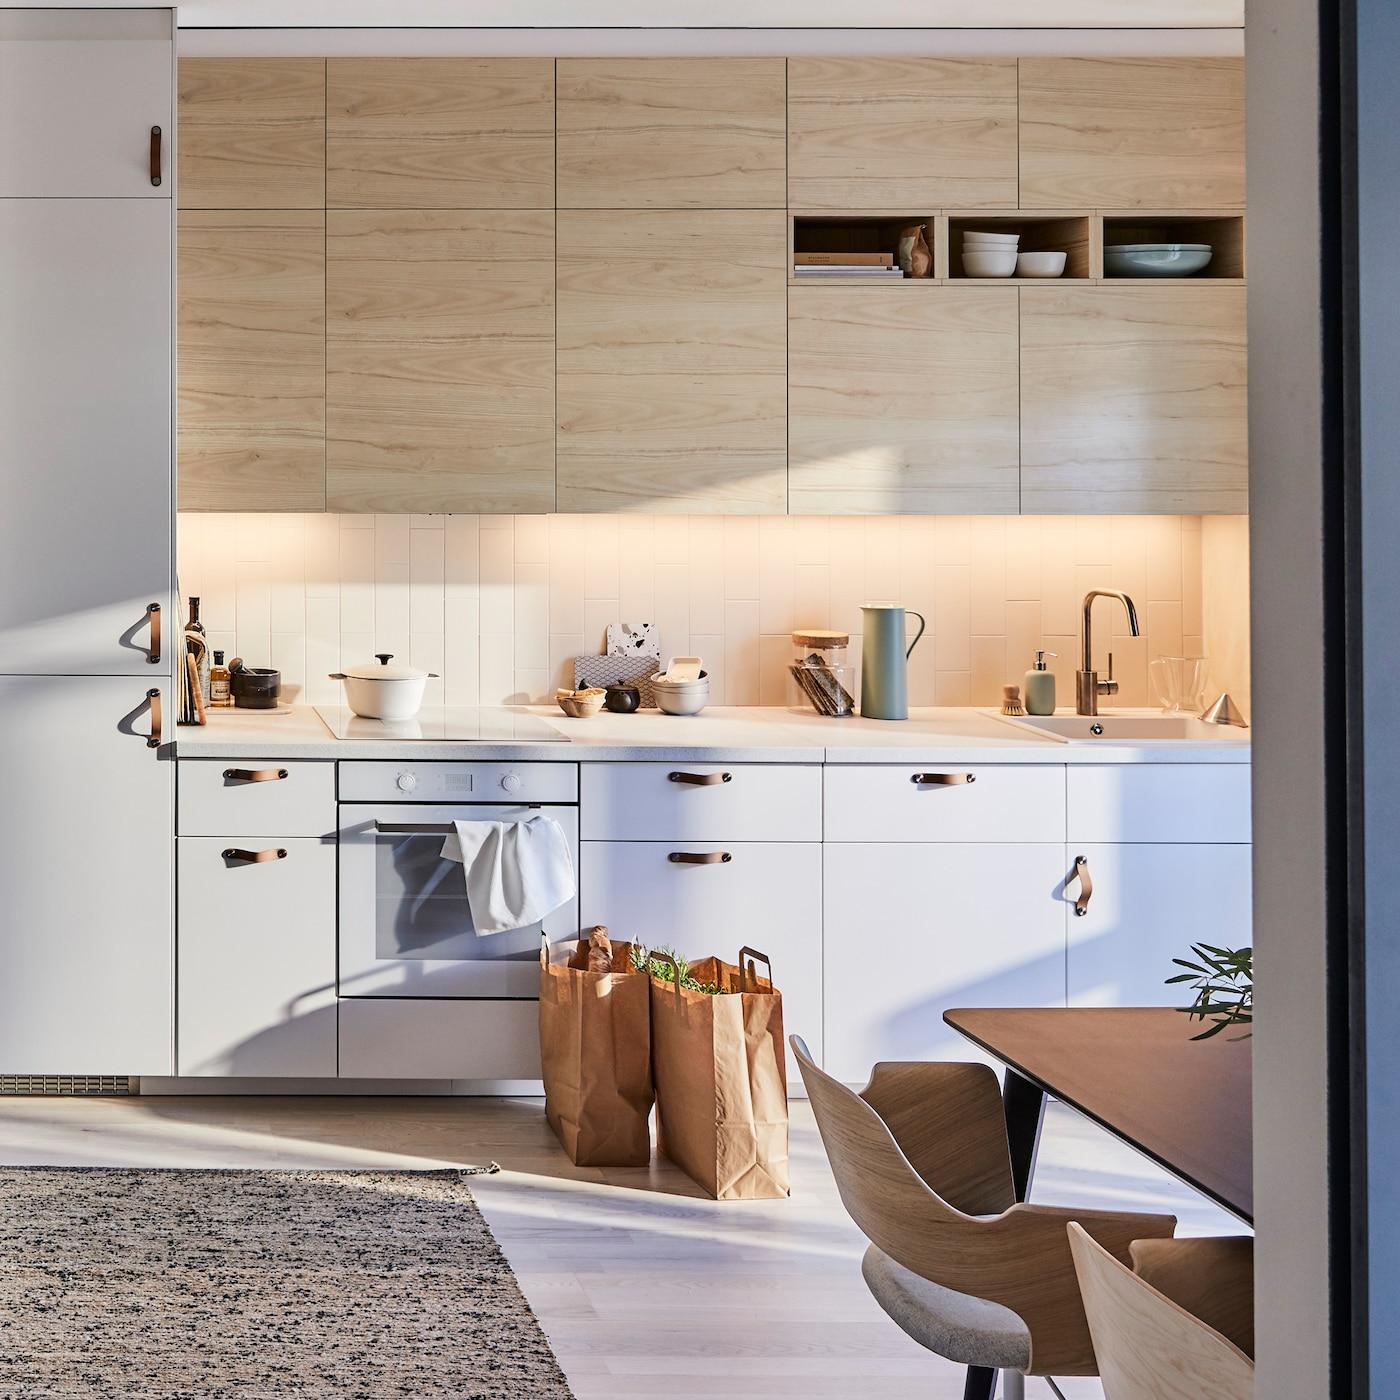 Incroyable Cuisine IKEA METOD Avec Portes ASKERSUND Effet Frêne Clair Et Tapis Tissé  Plat MELHOLT En Jute